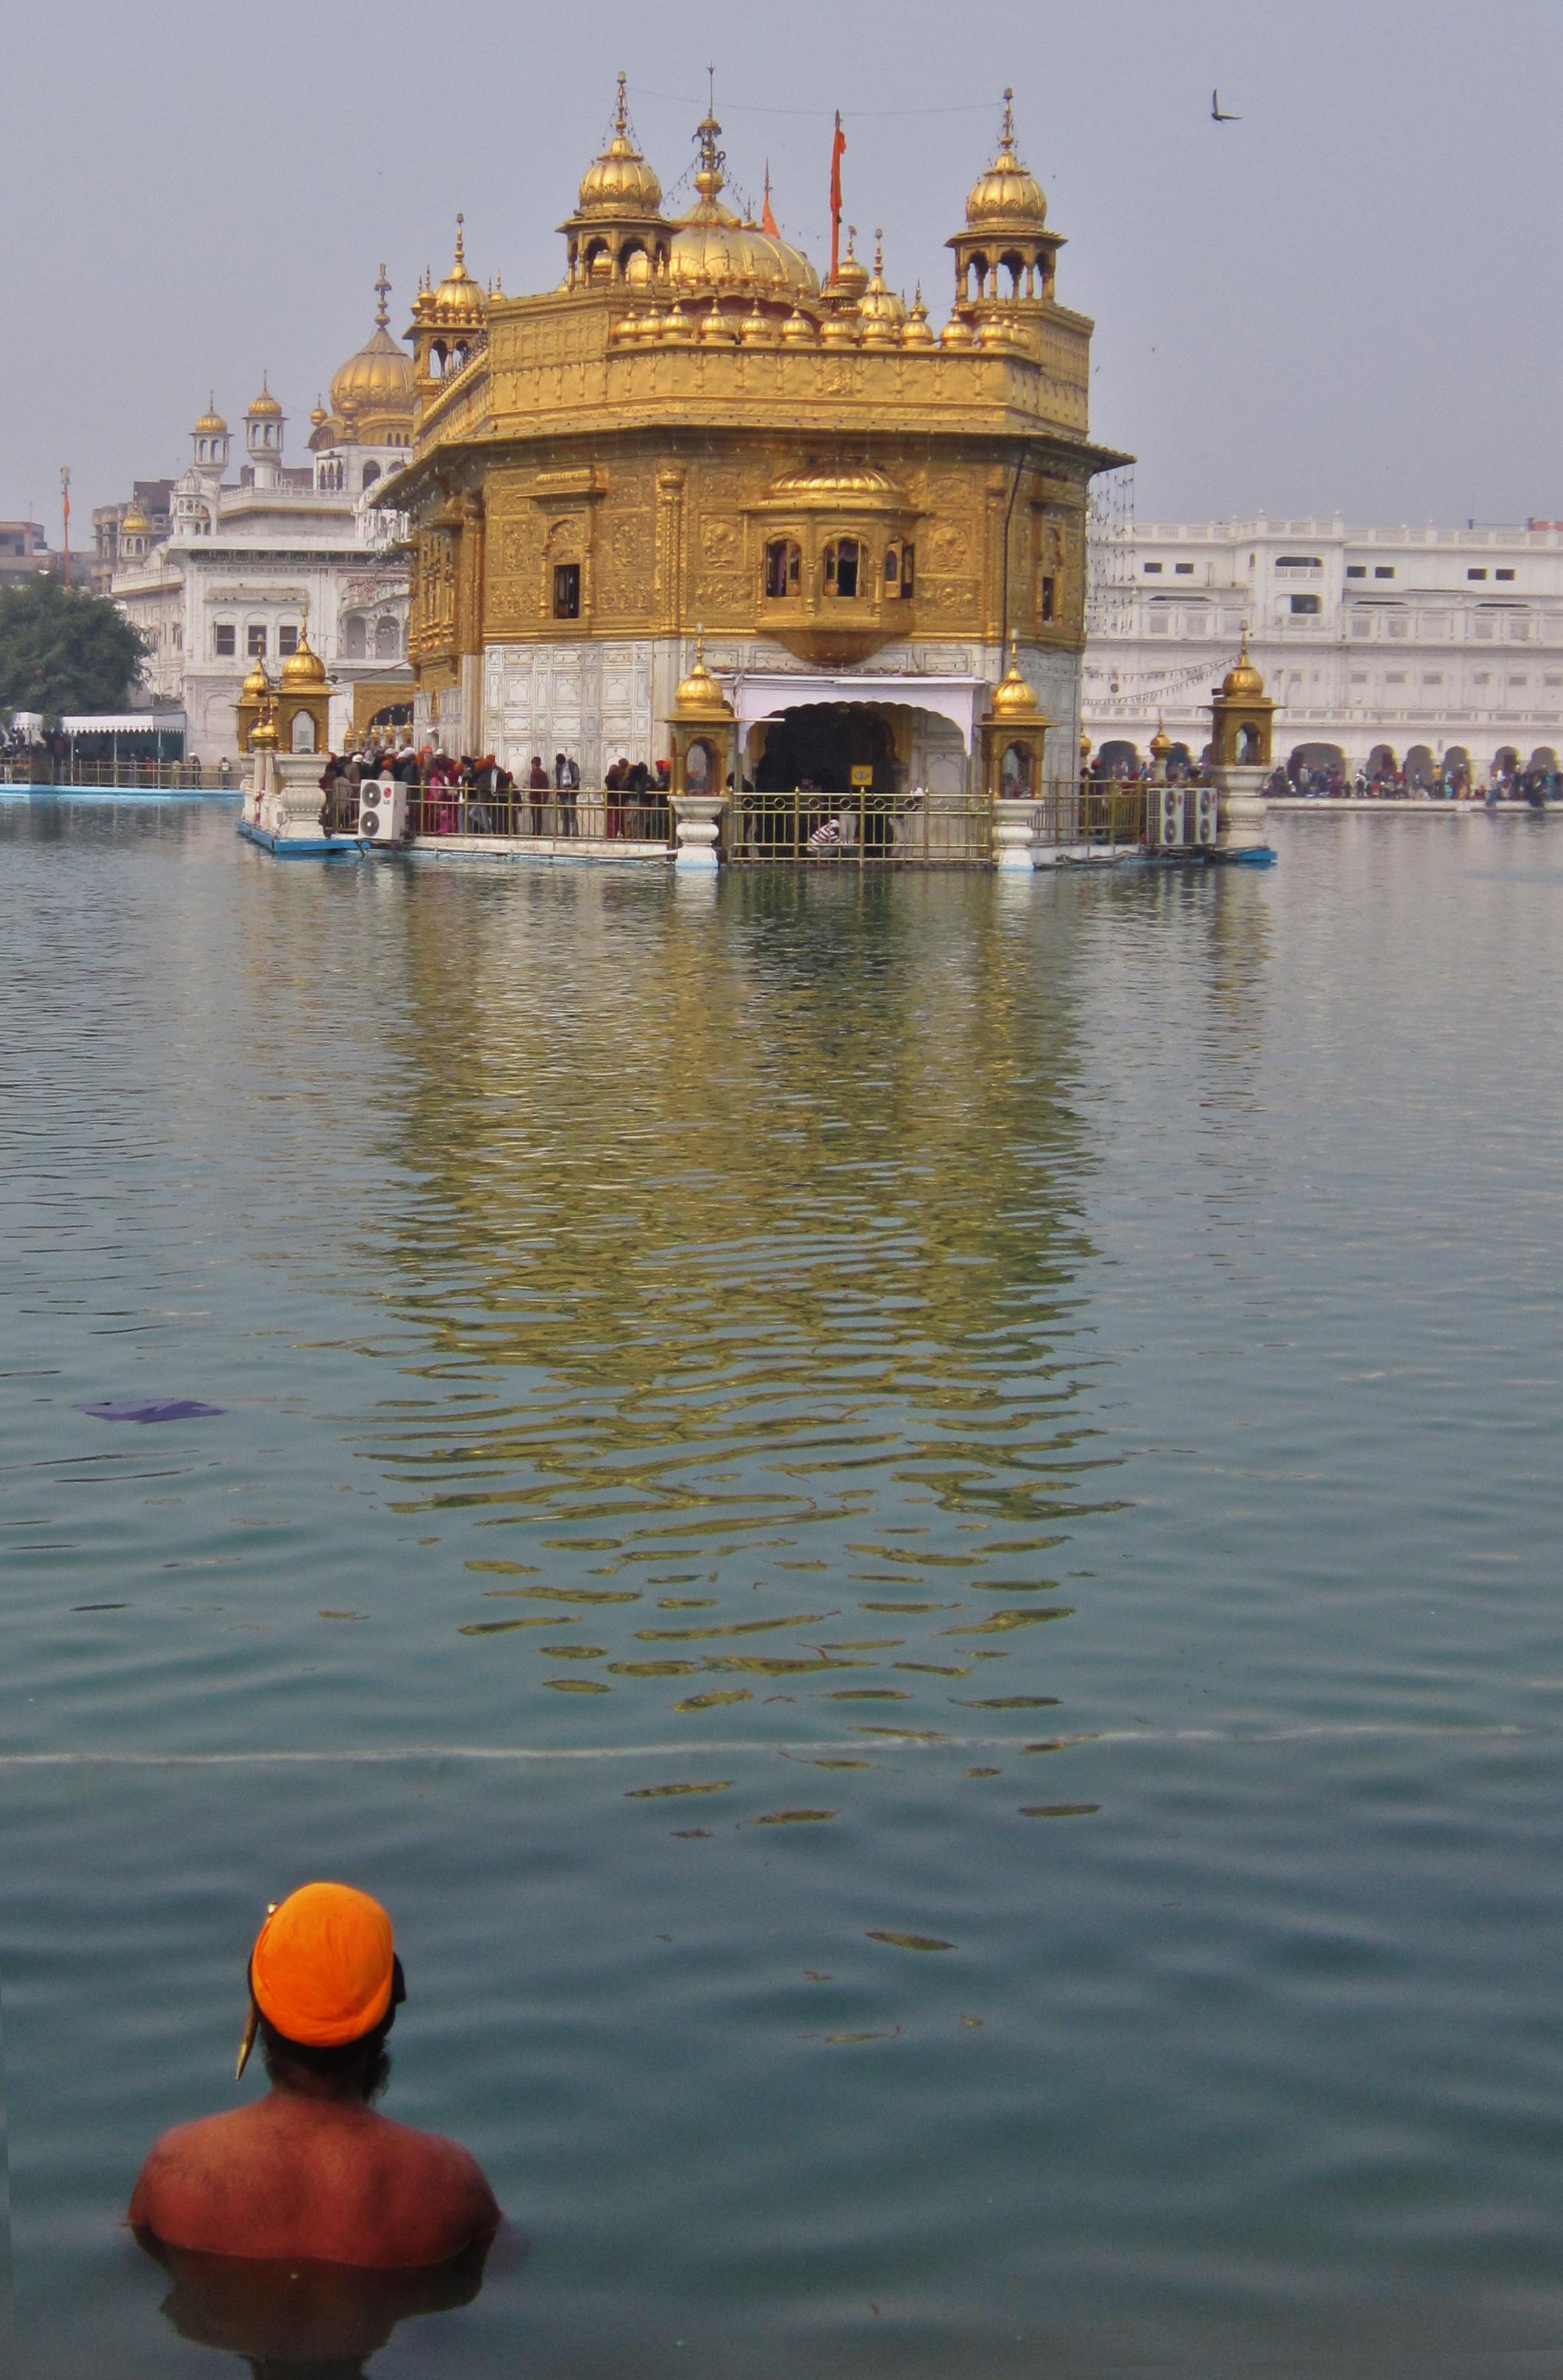 Der Goldene Tempel in Amritsar.